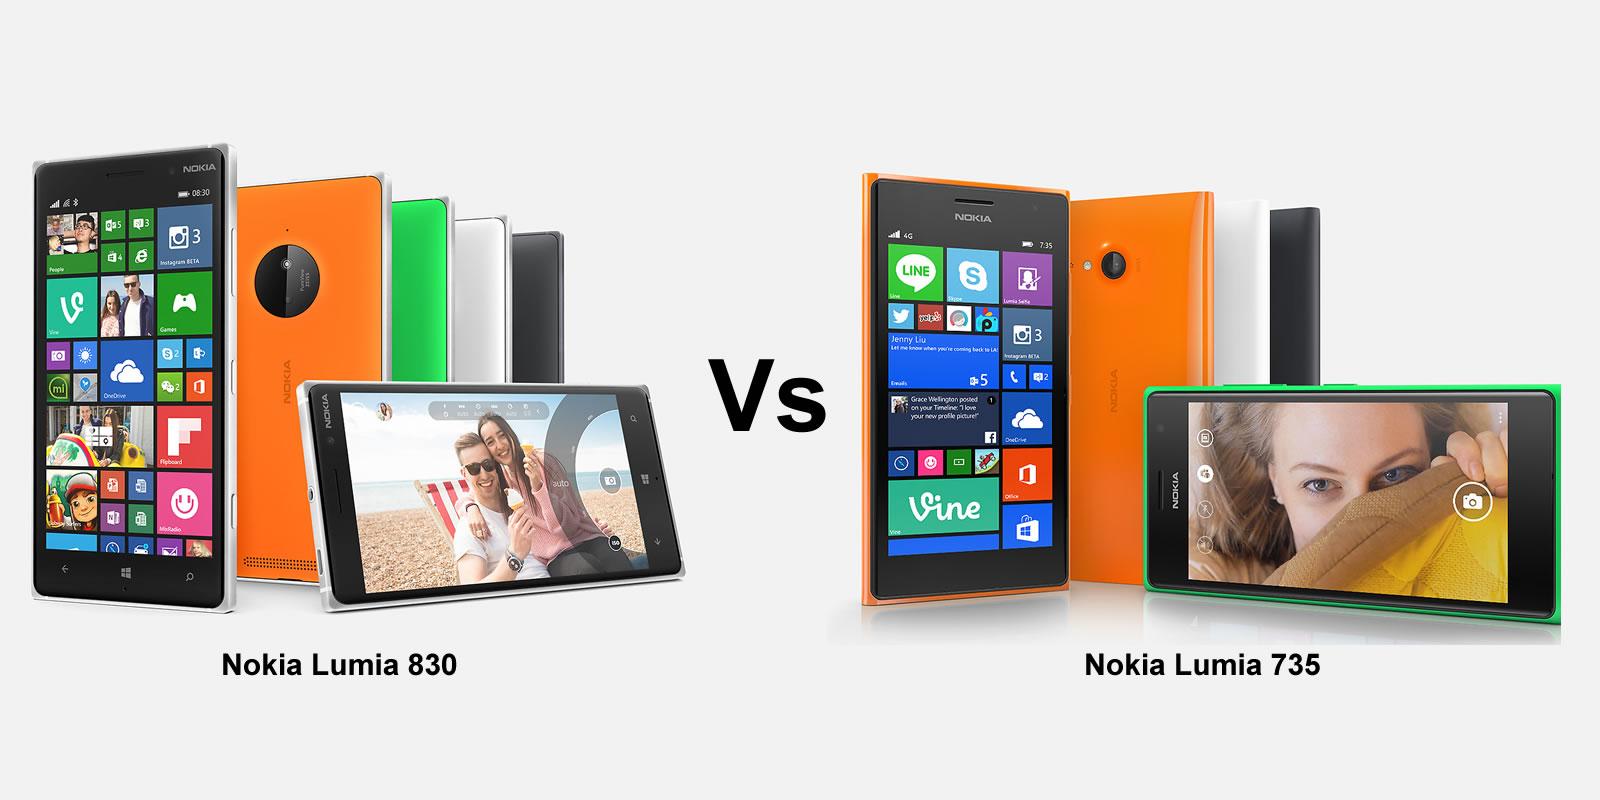 Nokia lumia 830 t mobile - Nokia Lumia 830 T Mobile 4